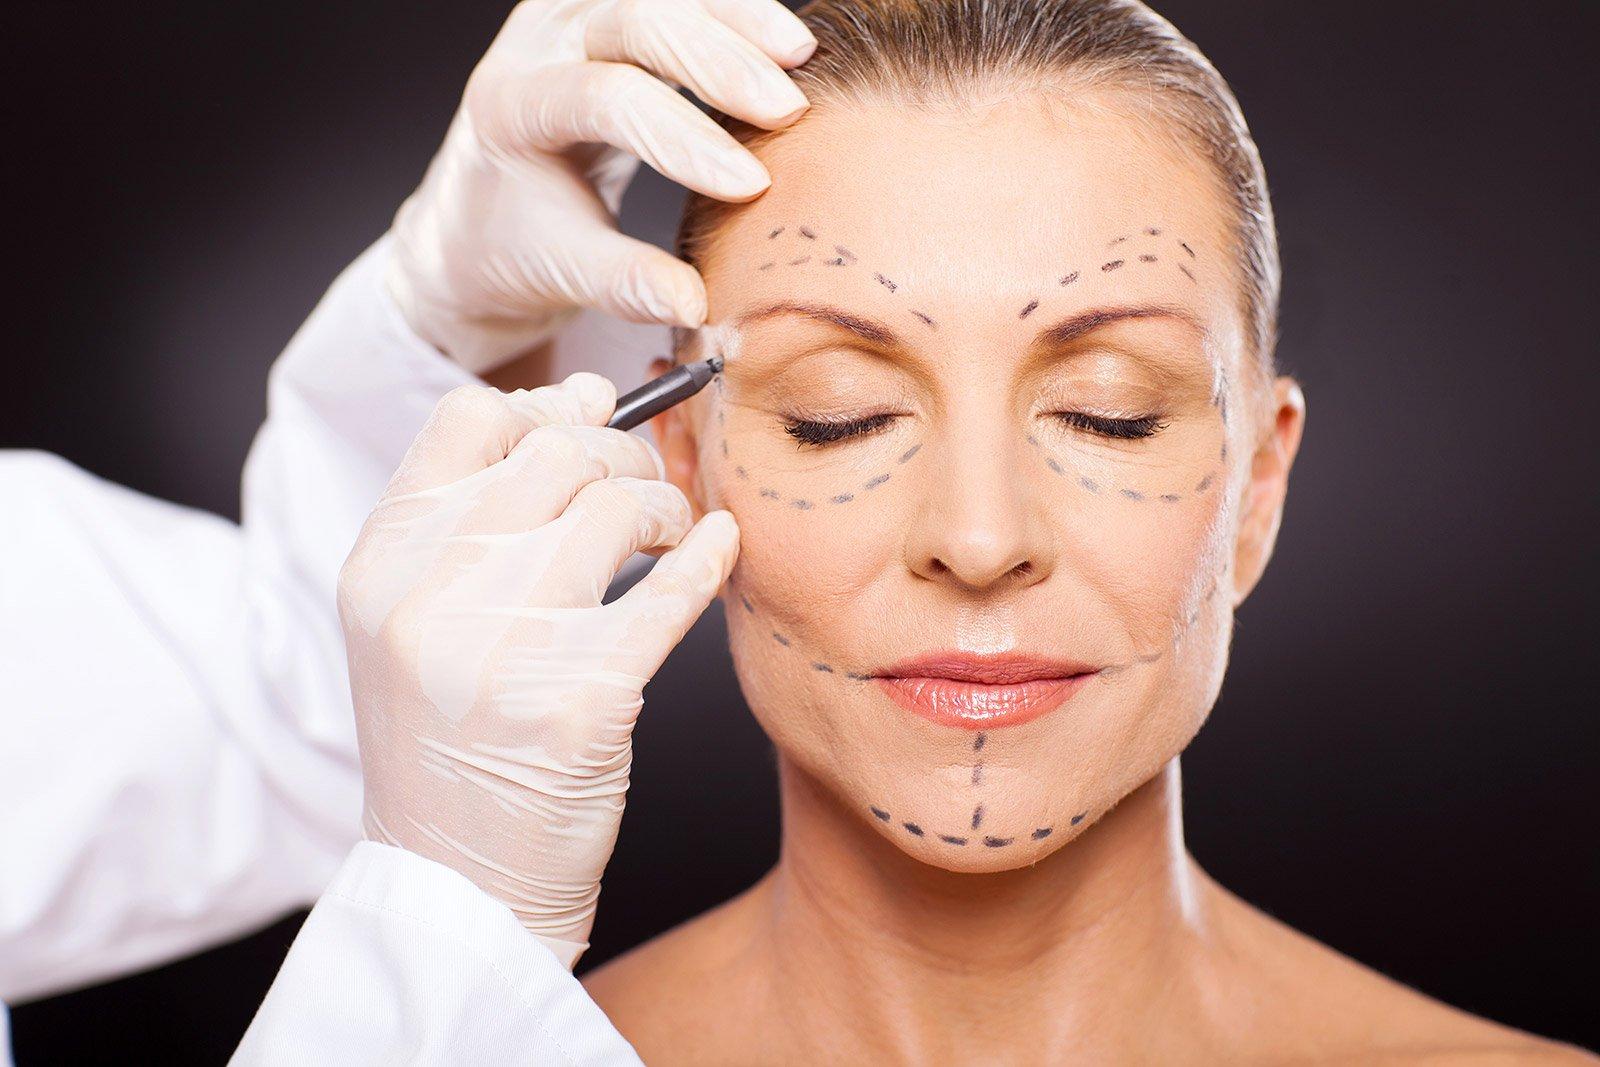 Ent and facial plastics